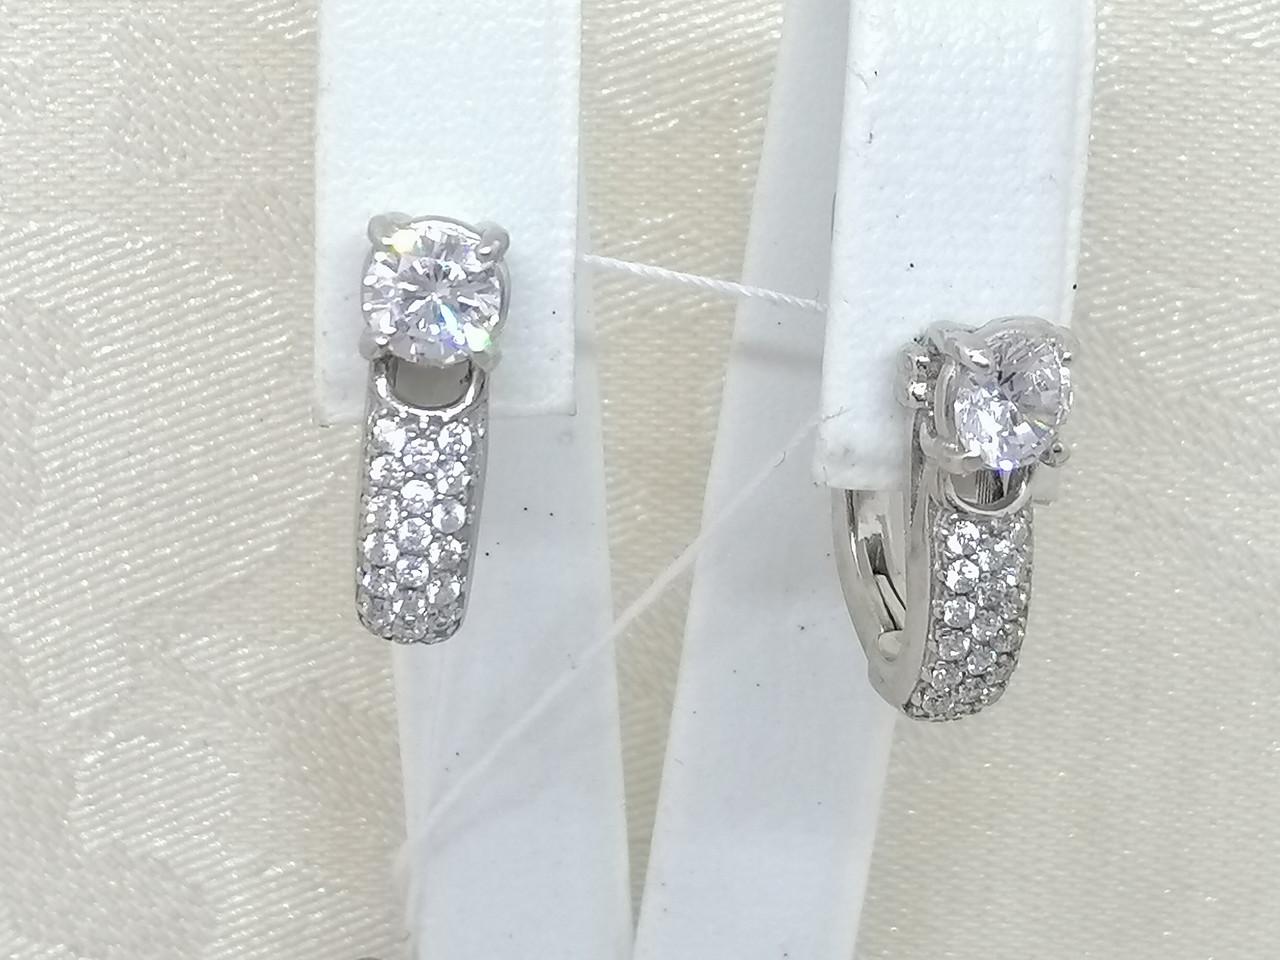 Срібні сережки Панянка з фіанітами. Артикул 2120/9Р-CZ